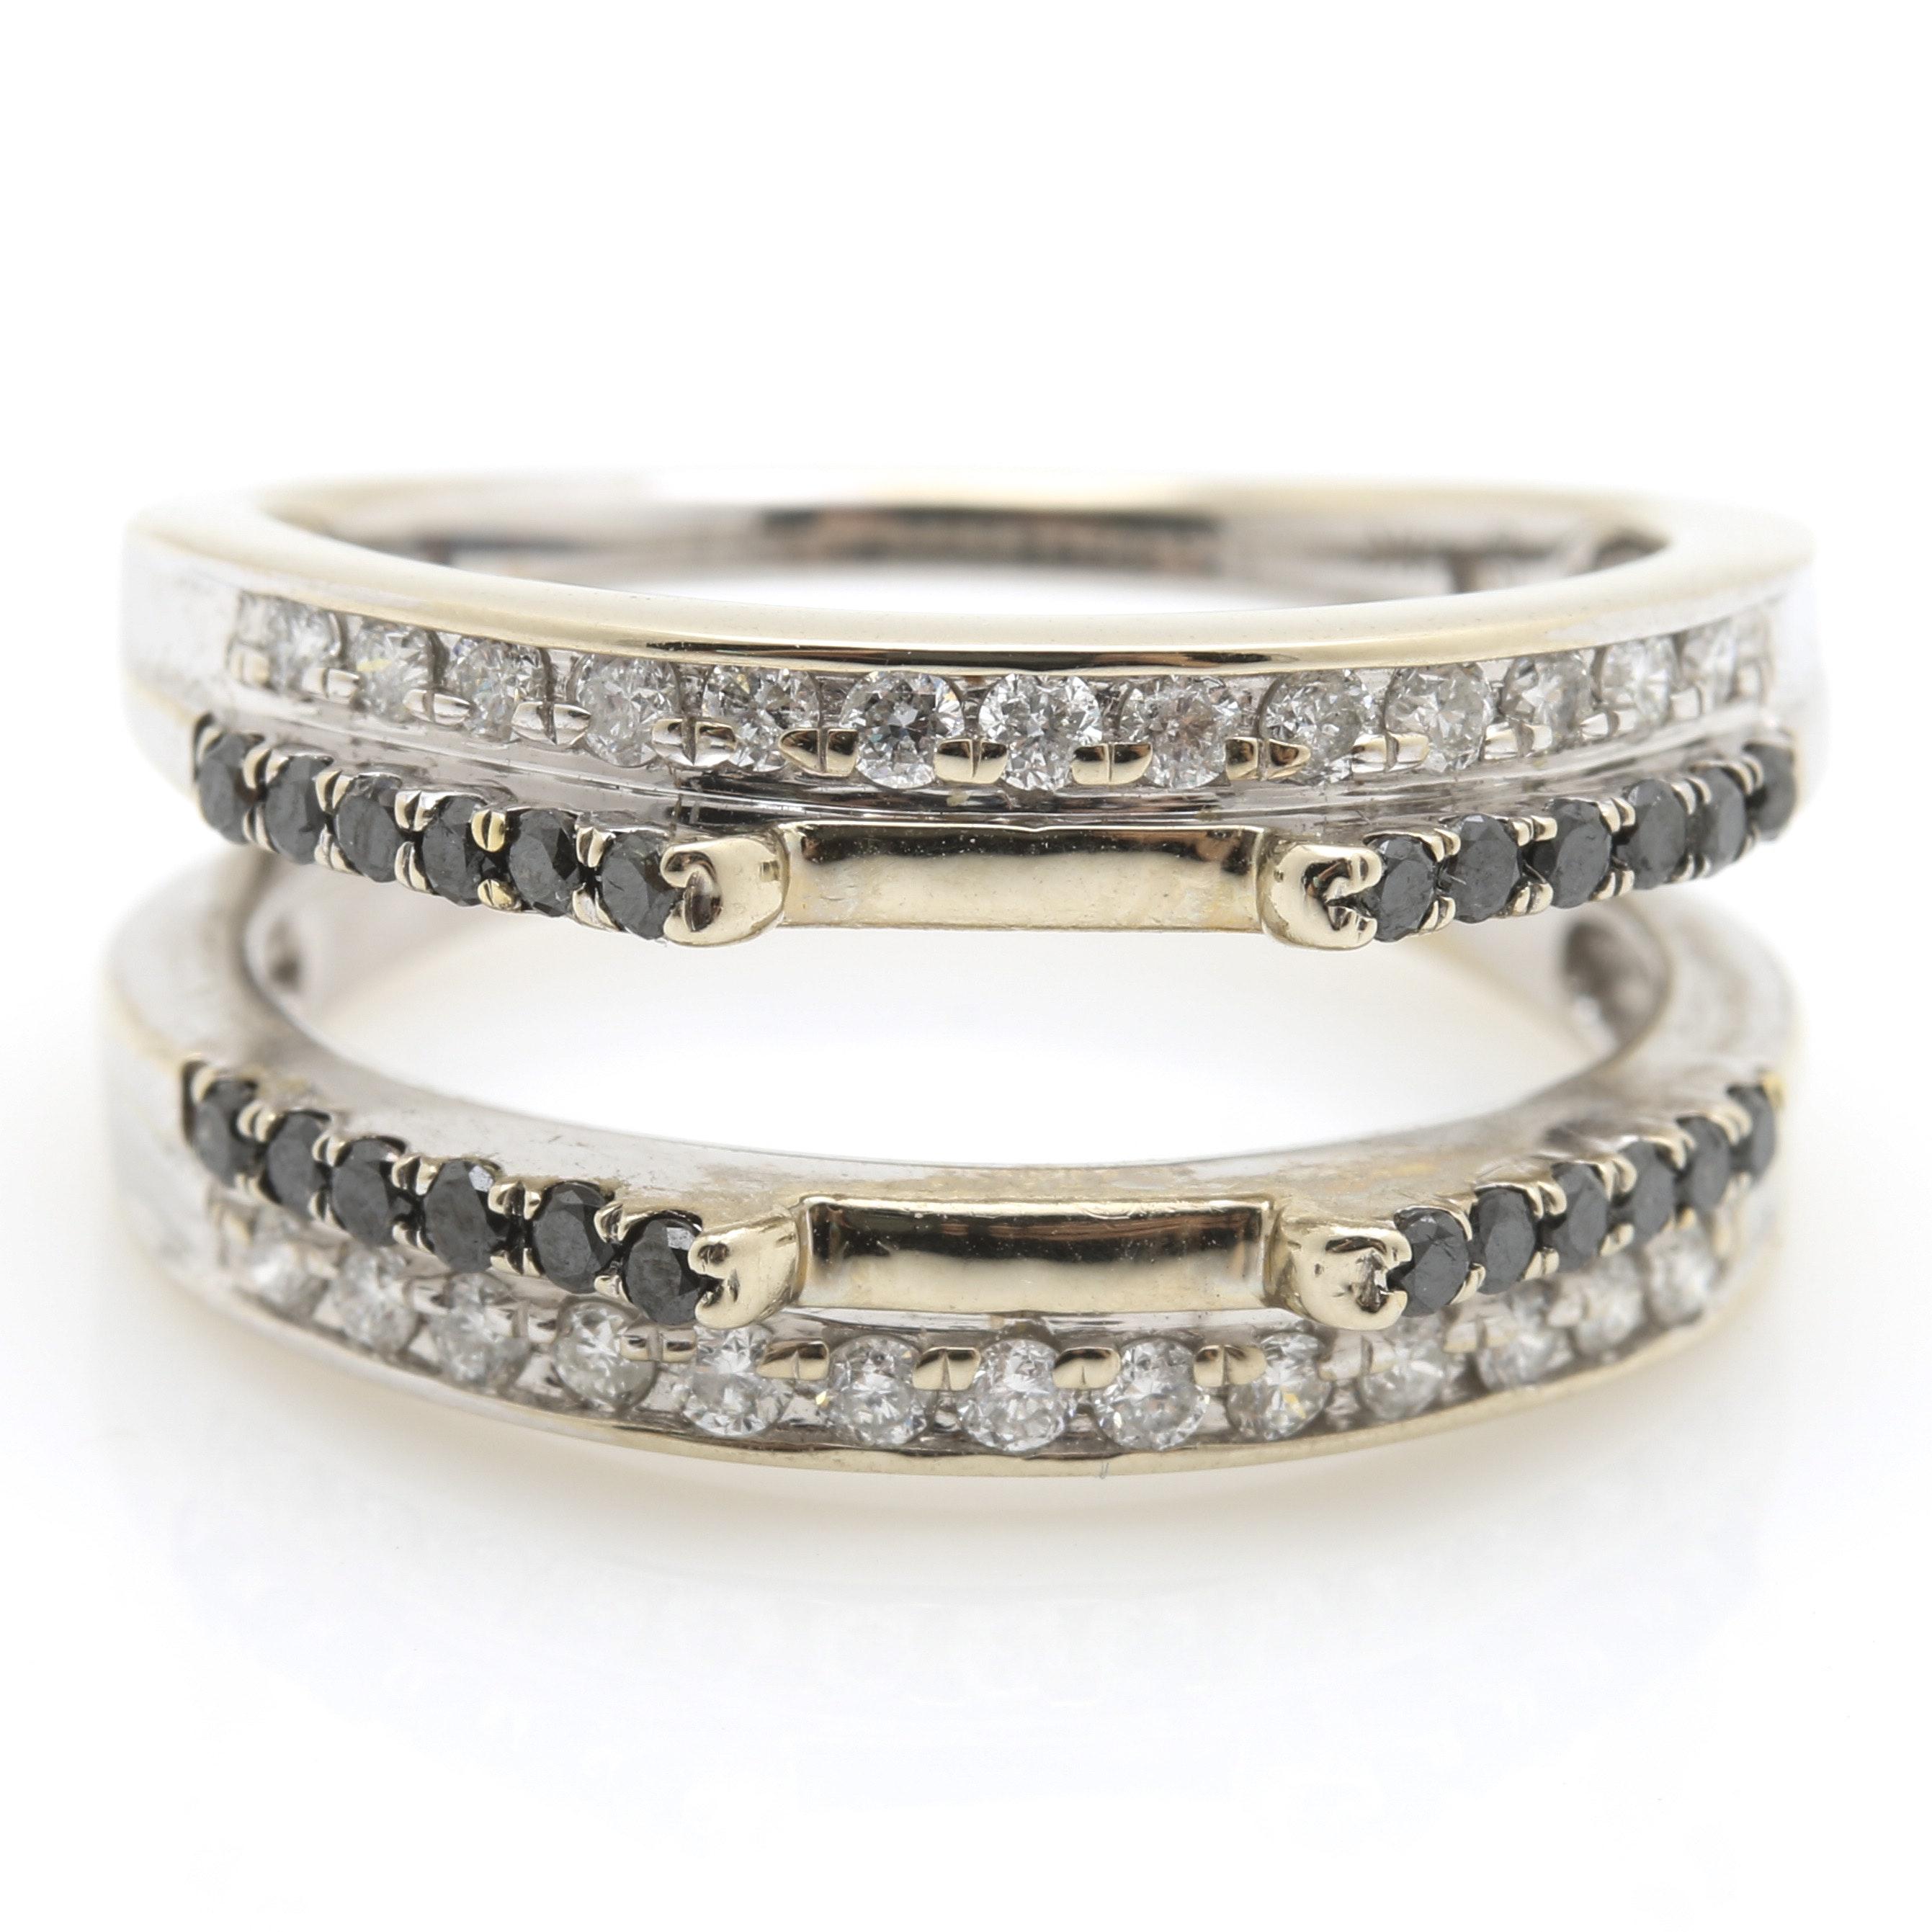 14K White Gold Black and White Diamond Ring Enhancer